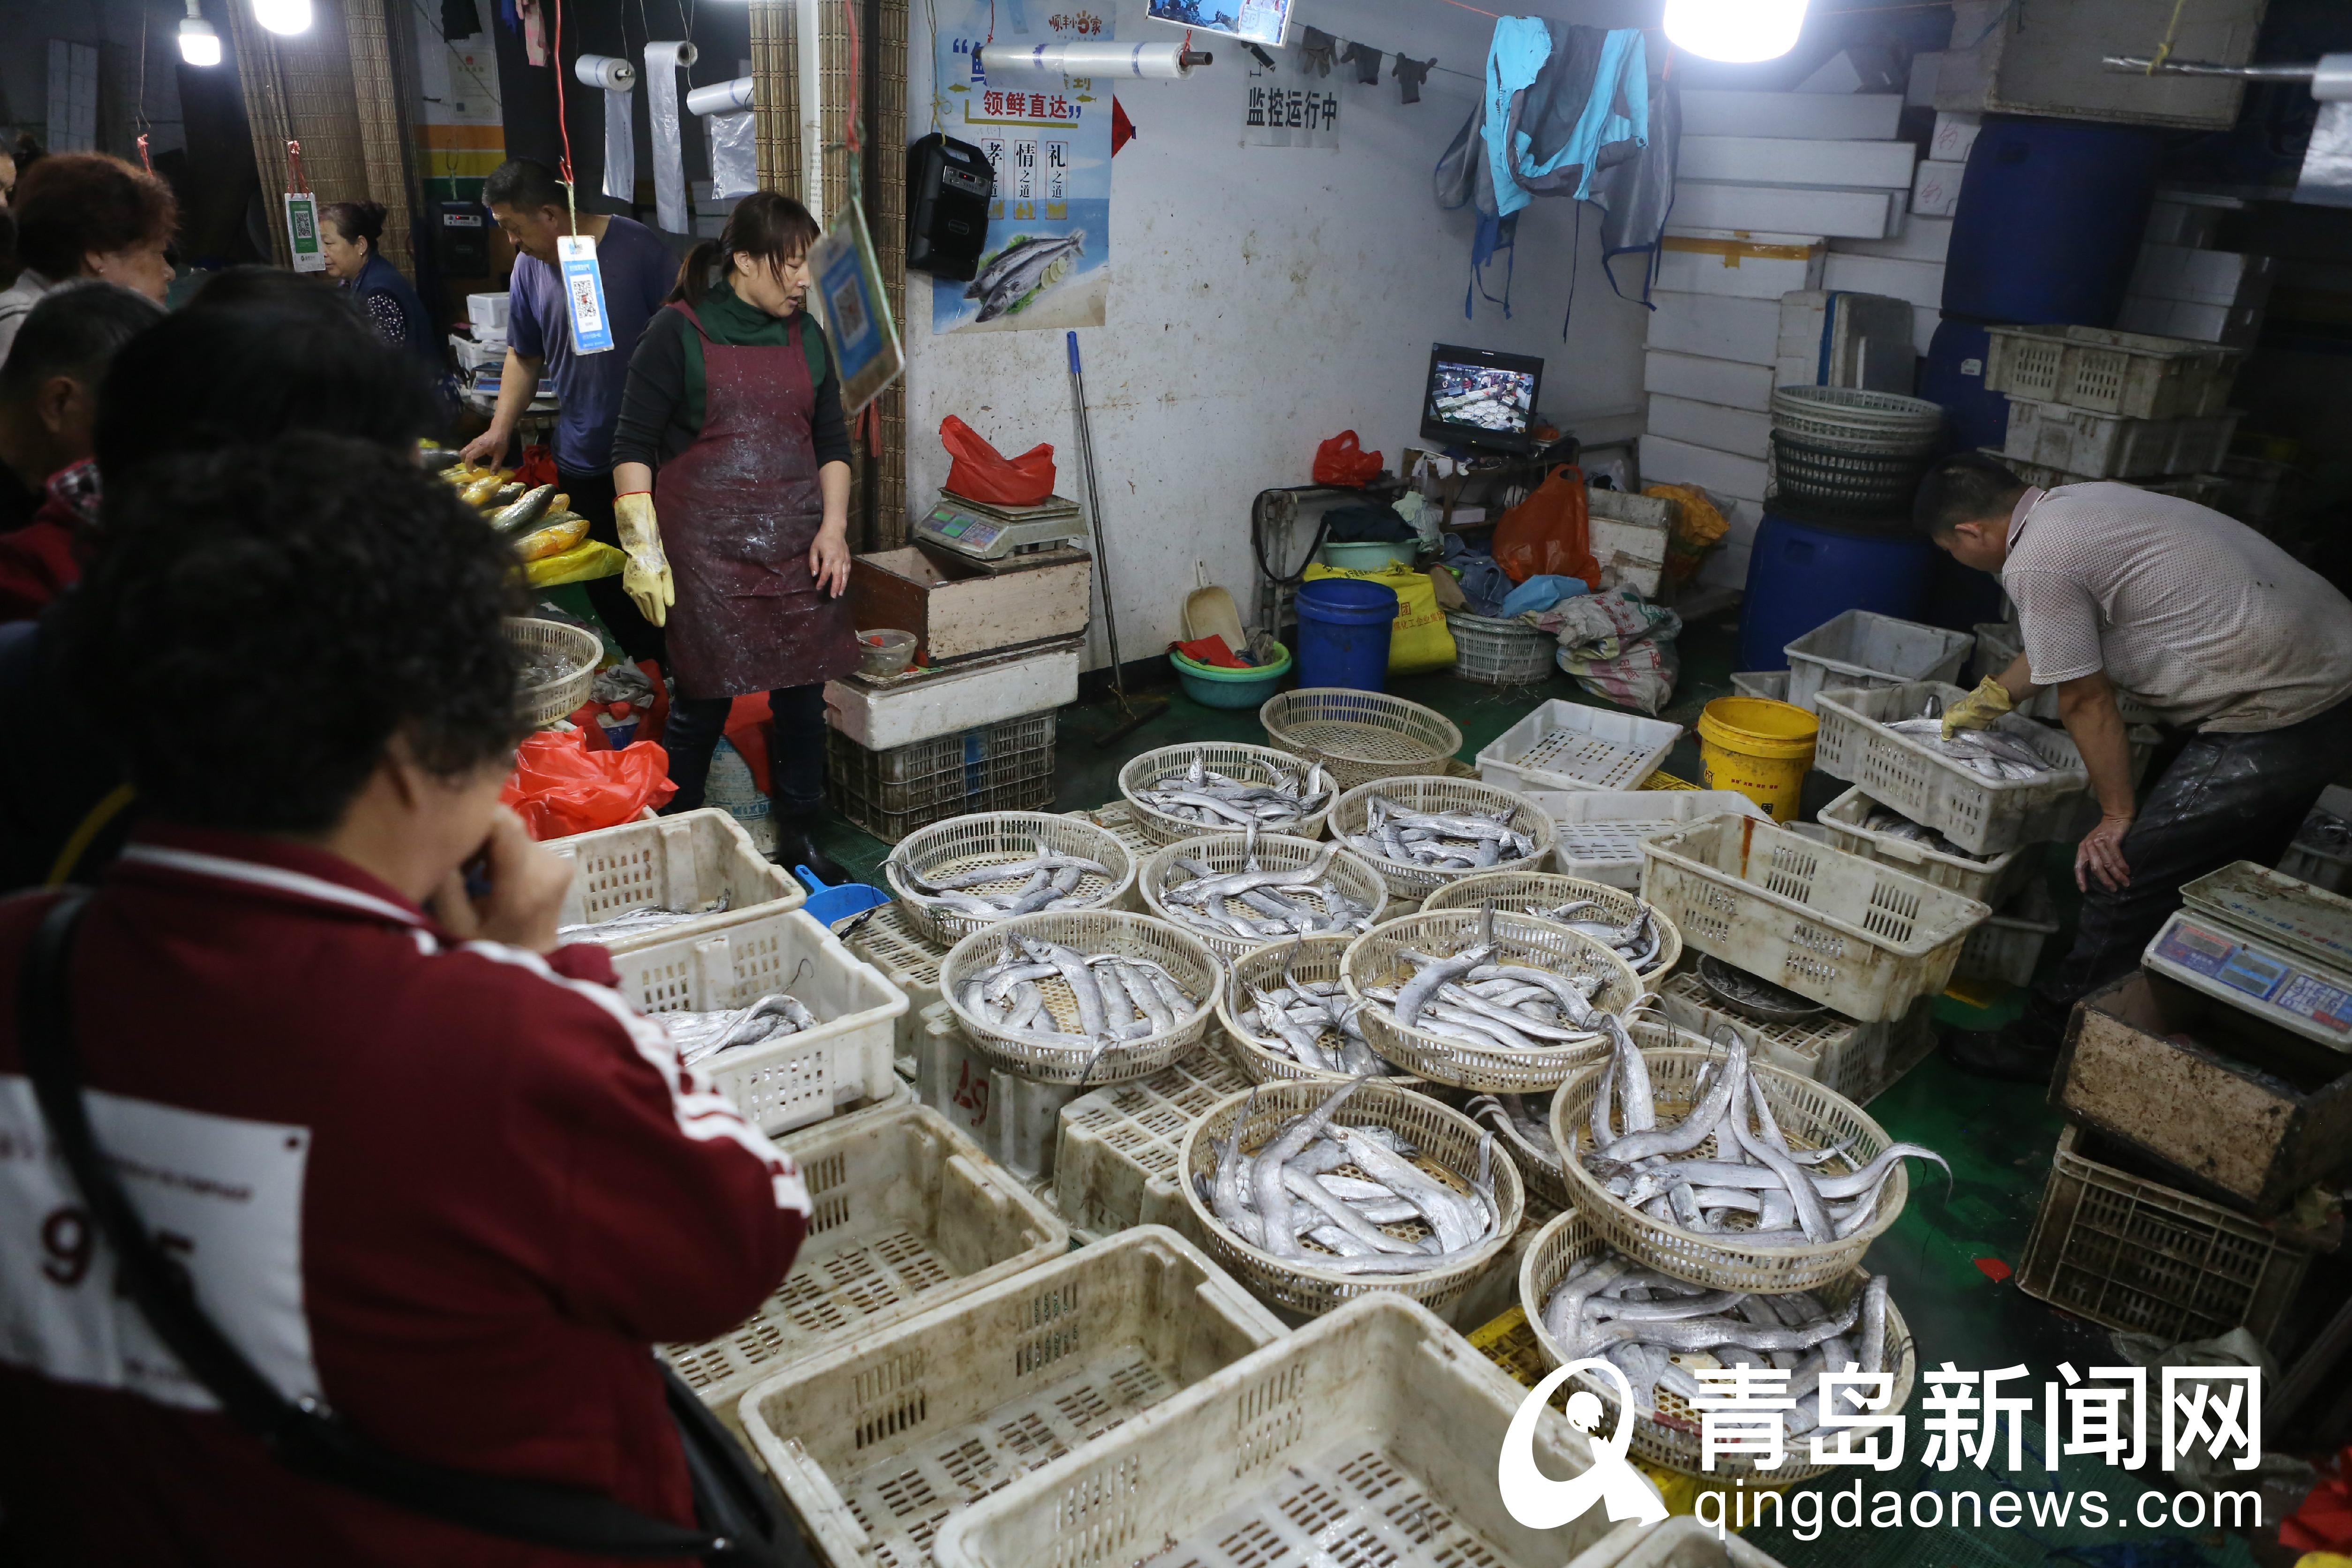 国庆最后一天海鲜价格回落 螃蟹一斤便宜20块